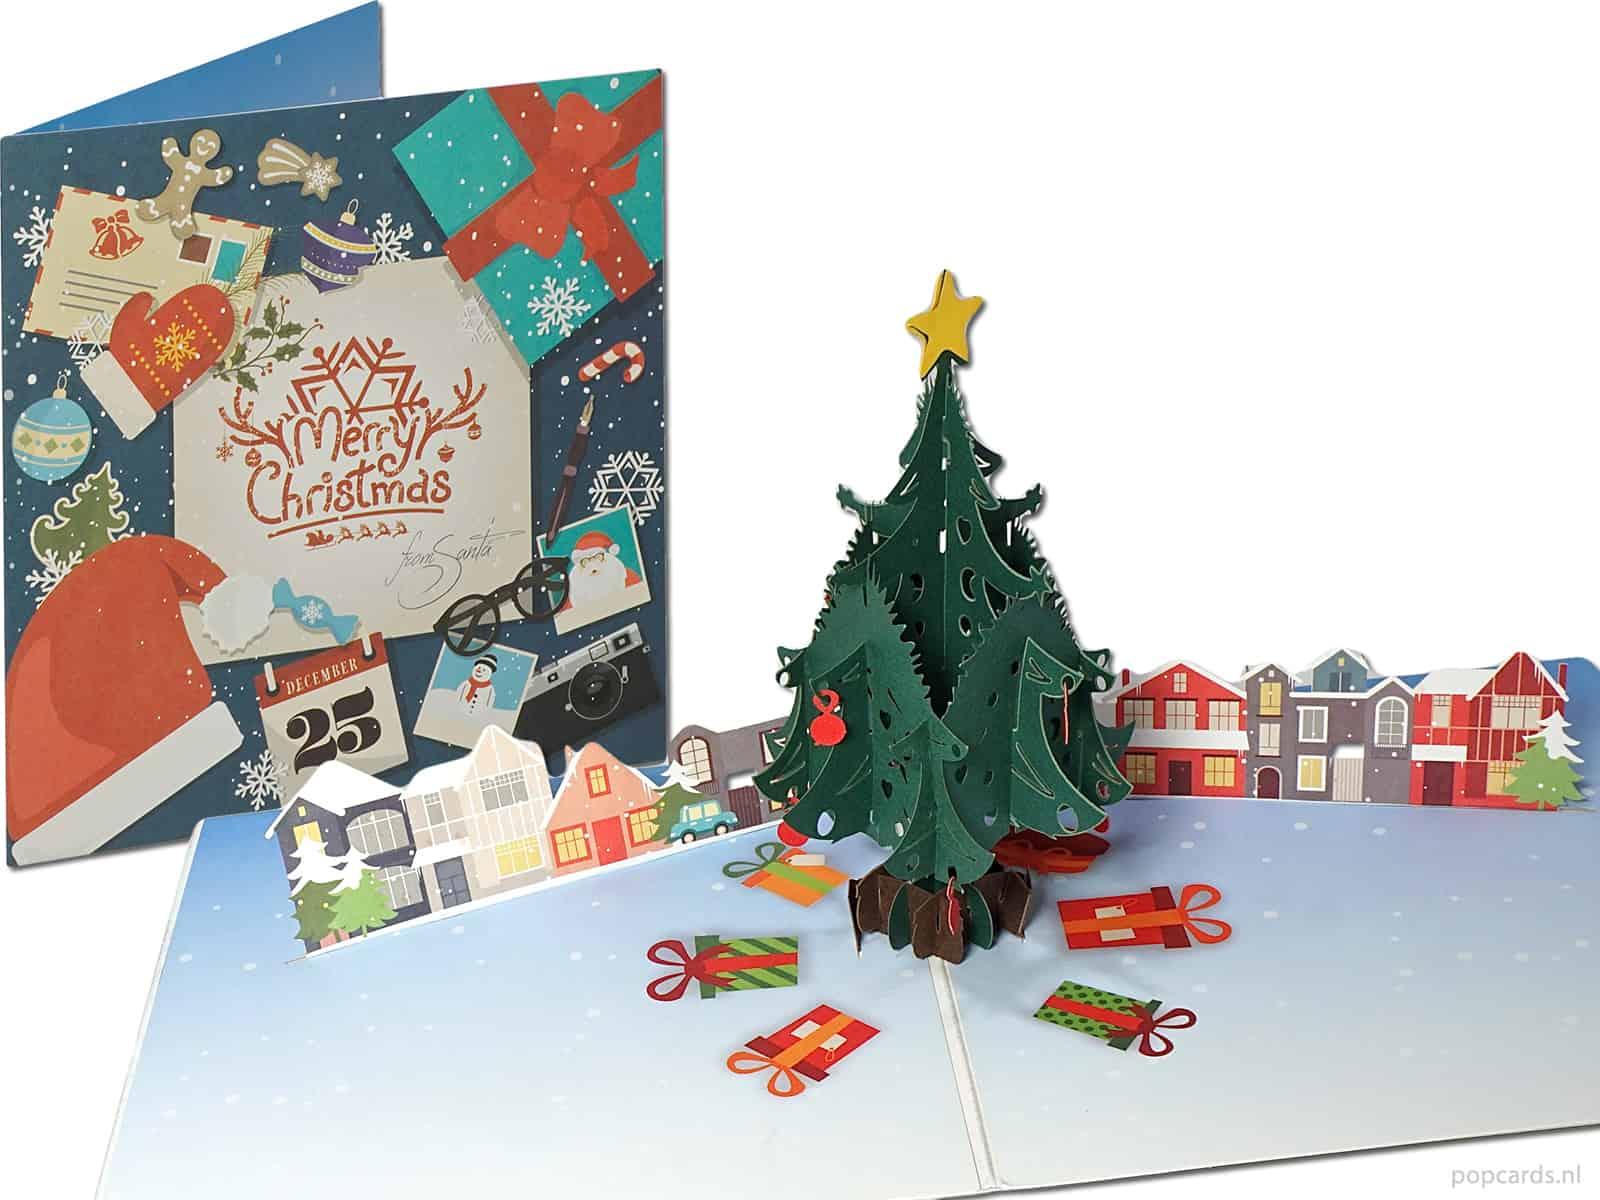 Albero Di Natale Con Regali.Albero Di Natale Con Regali E Case Cartolina Di Natale Pop Up